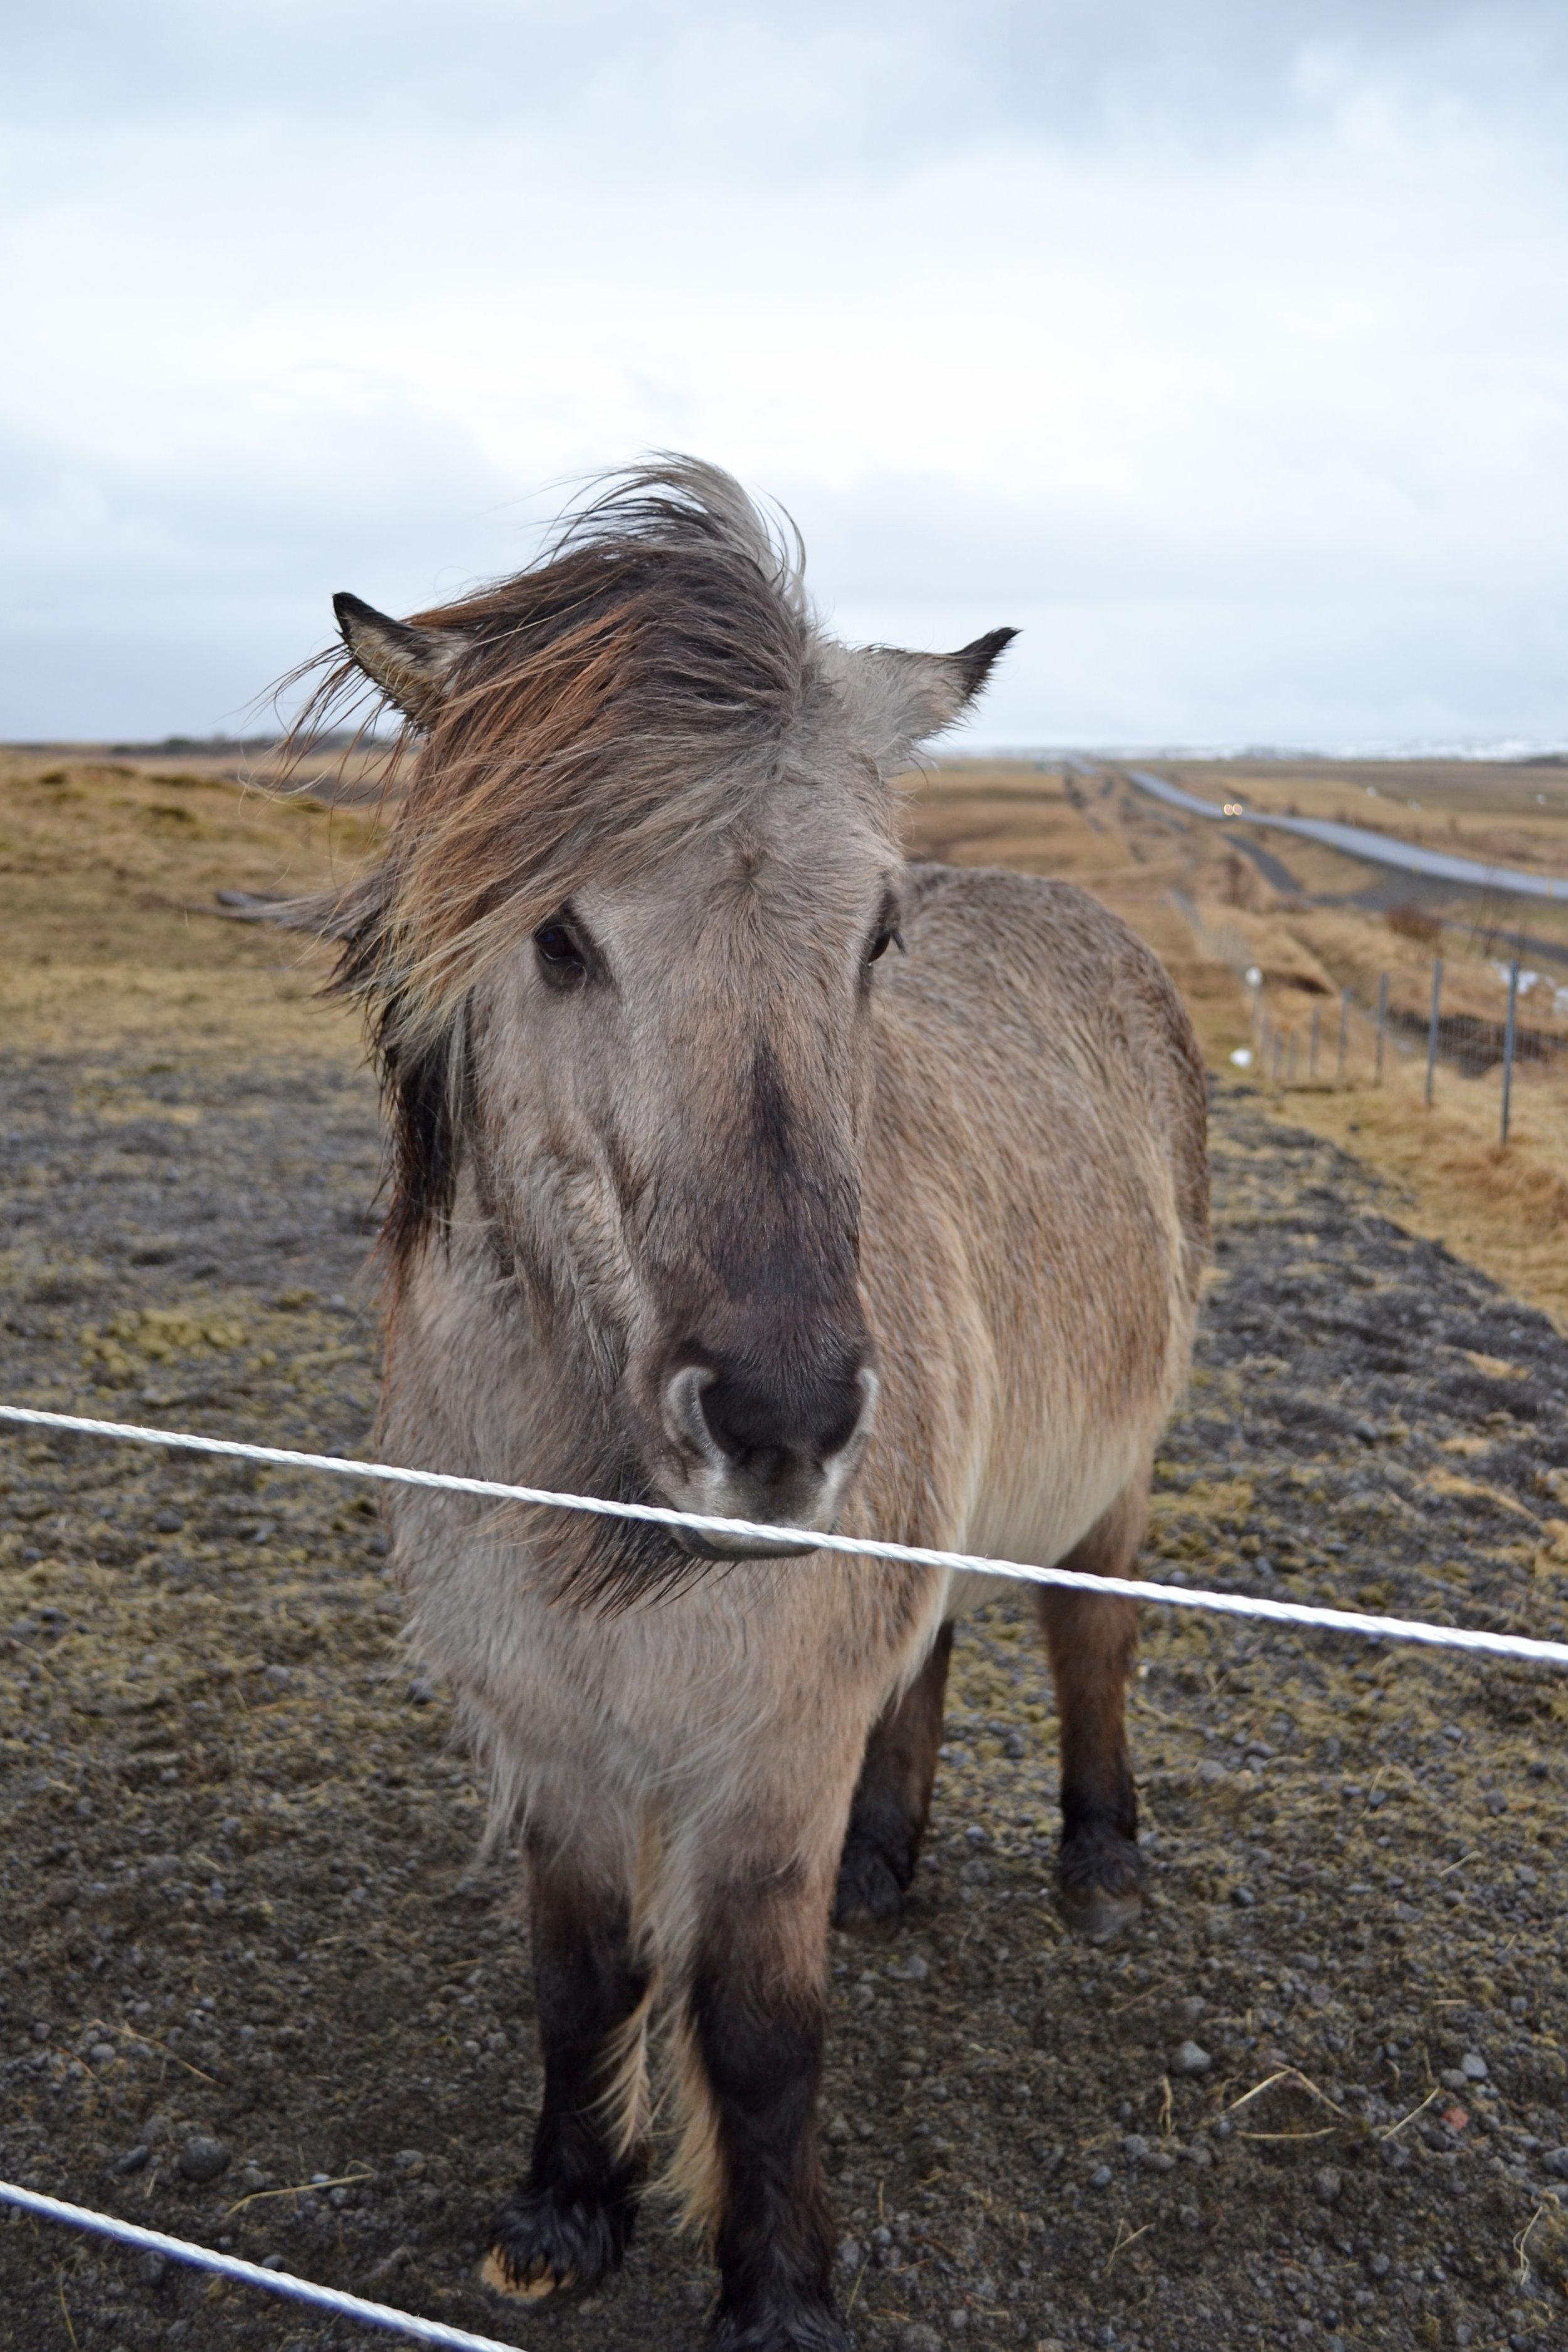 #6 - meet an Icelandic horse